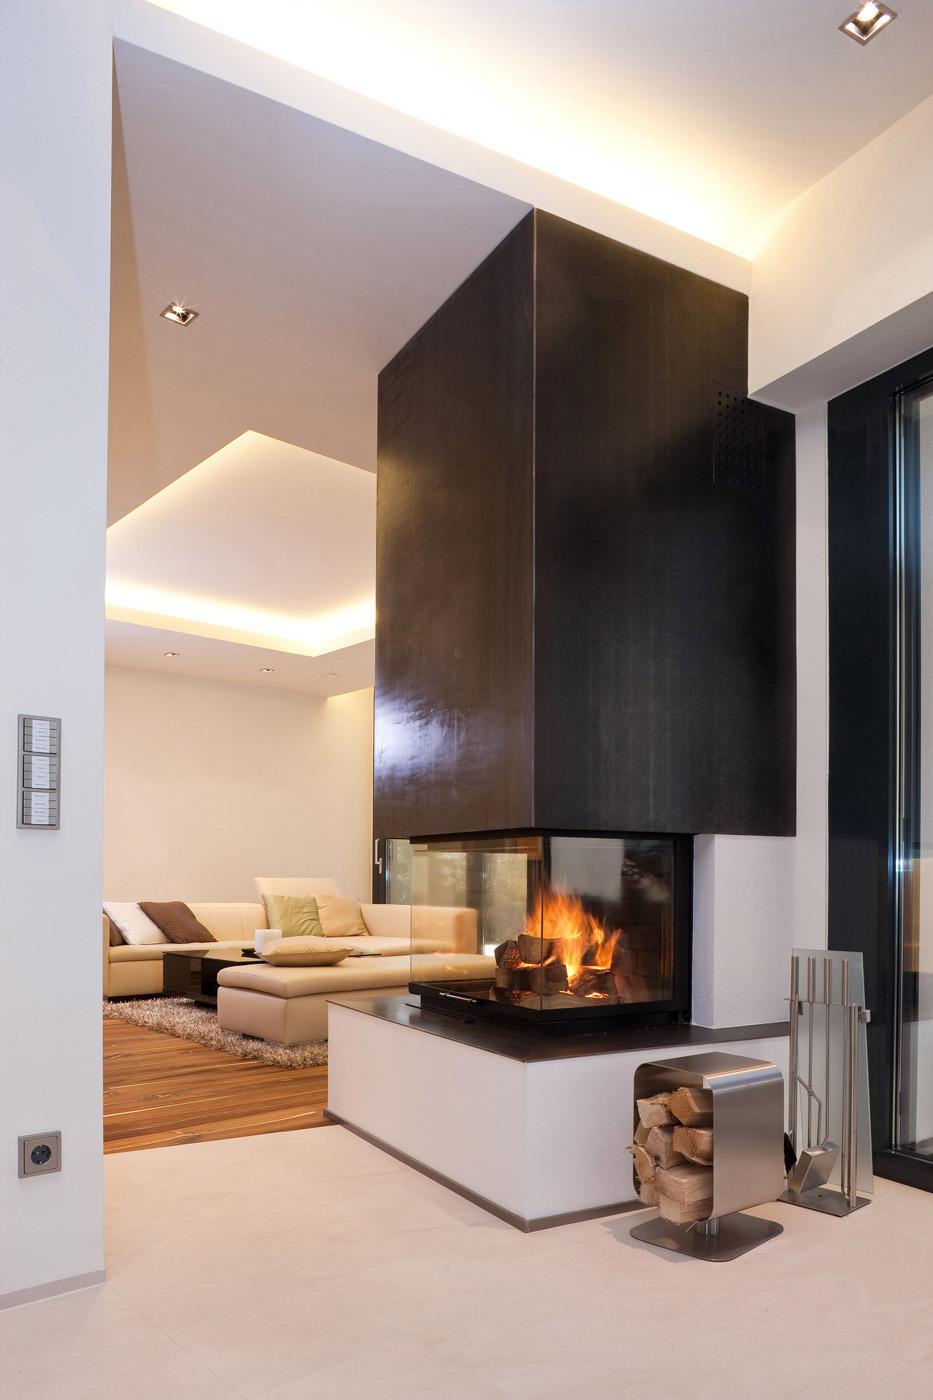 chemin e ruegg une chaleur partager en famille et. Black Bedroom Furniture Sets. Home Design Ideas